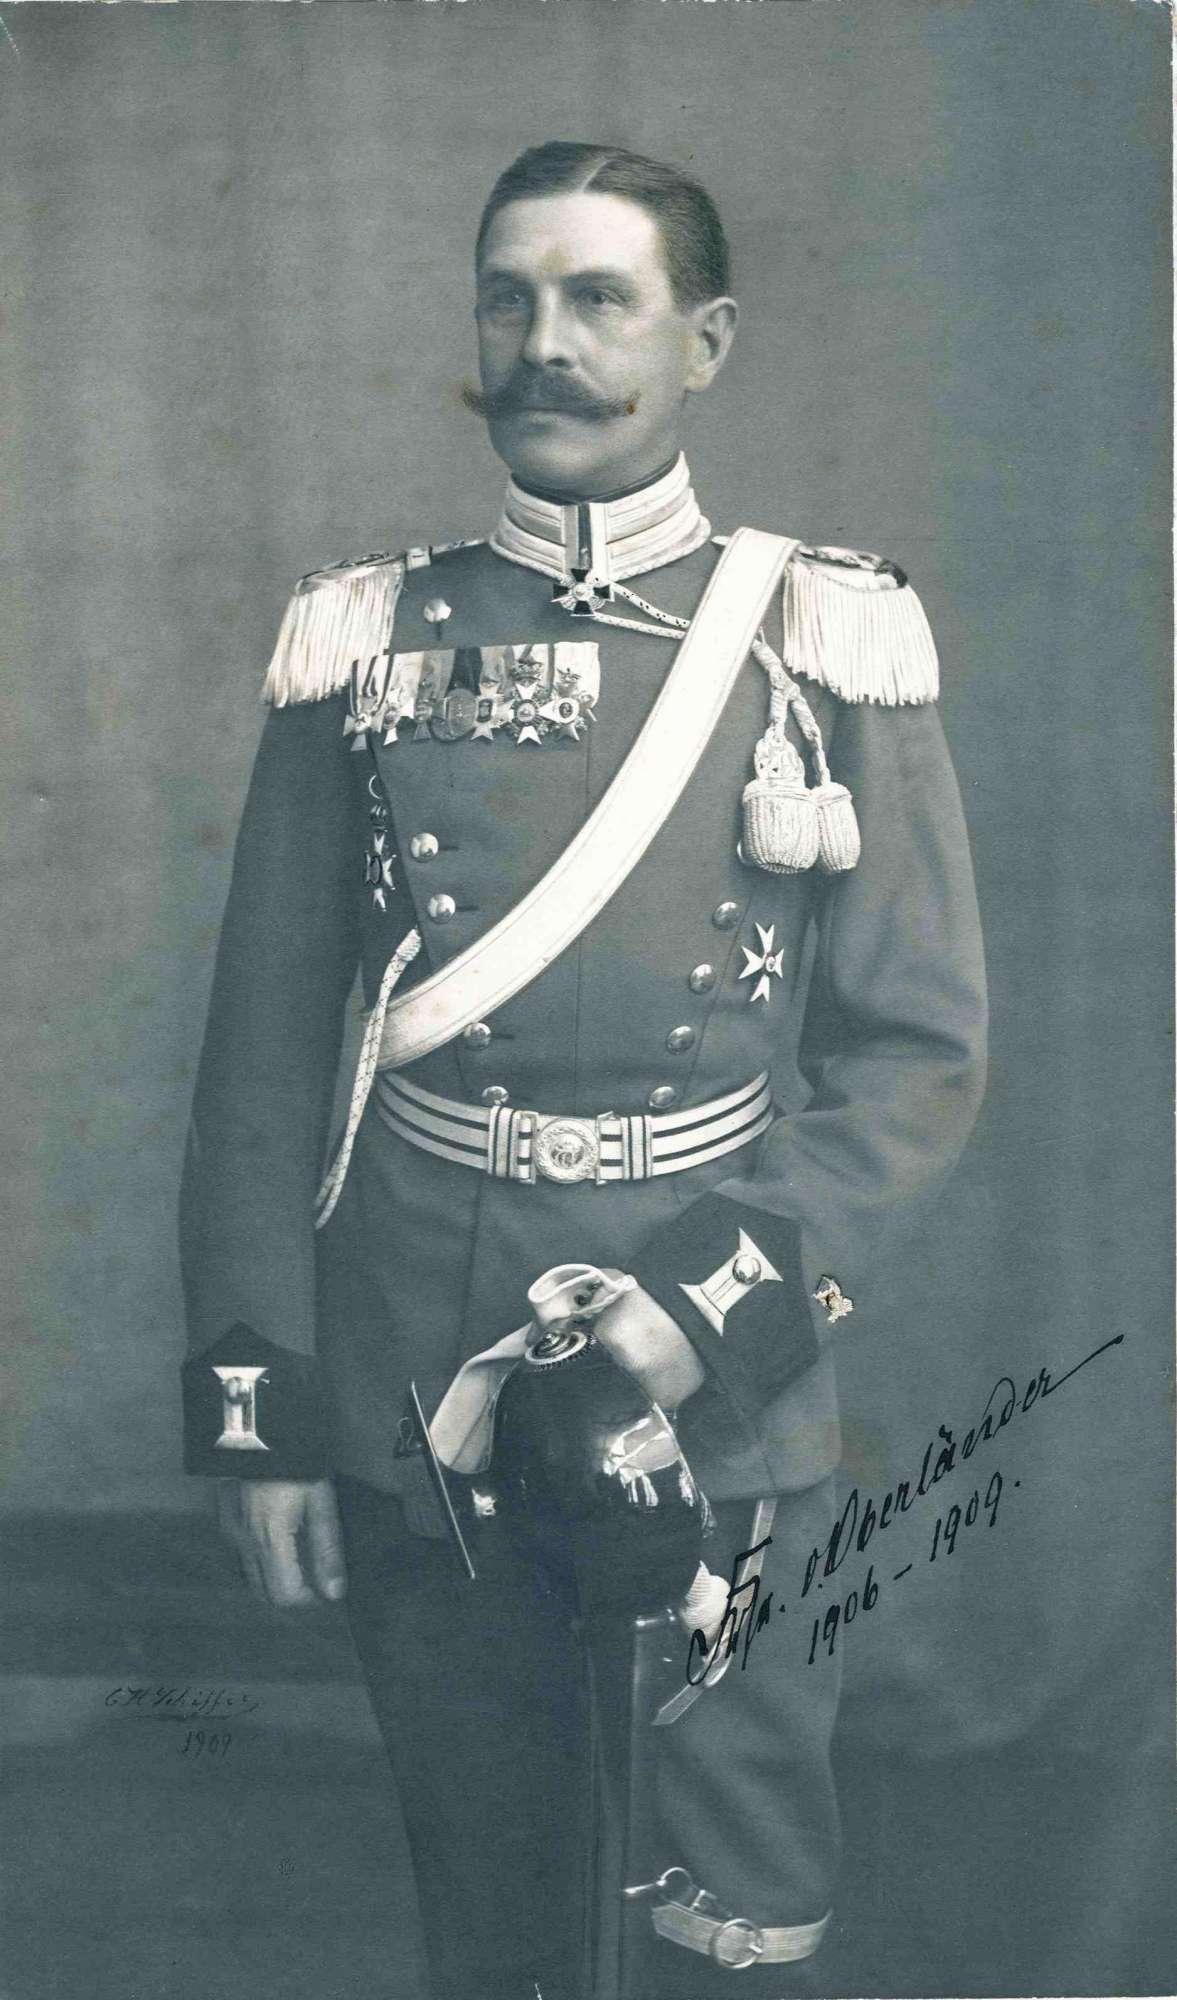 Freiherr Ernst von Oberländer, Oberstleutnant und Kommandeur von 1906-1909, preuss. Offizier, stehend in Uniform mit Sanduhrsilhouette und Taillengürte, 1909 [Quelle: Hauptstaatsarchiv Stuttgart]